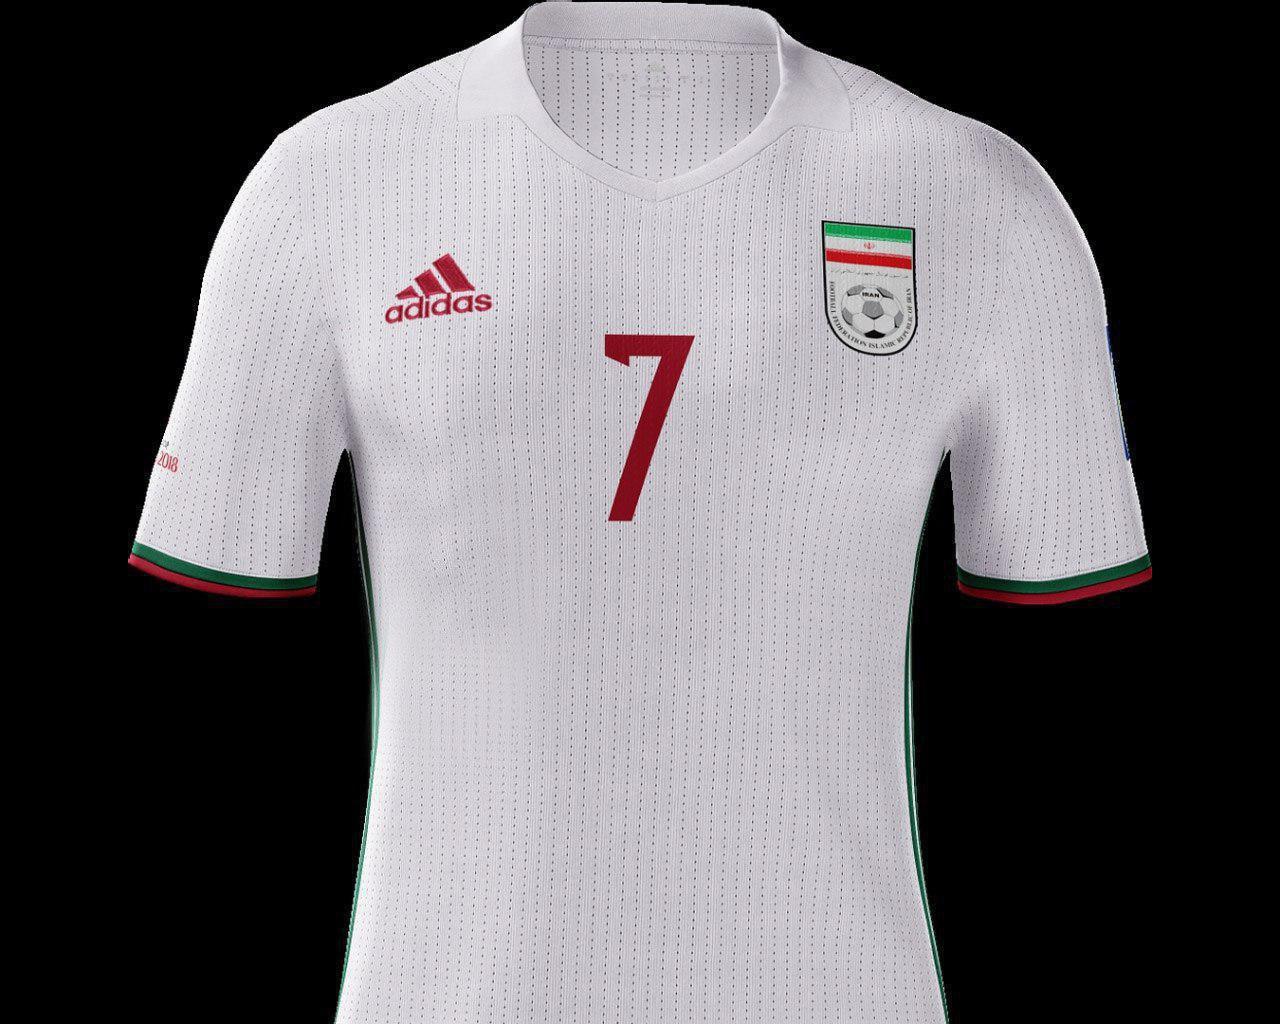 پیراهن احتمالی تیم ملی در جام جهانی